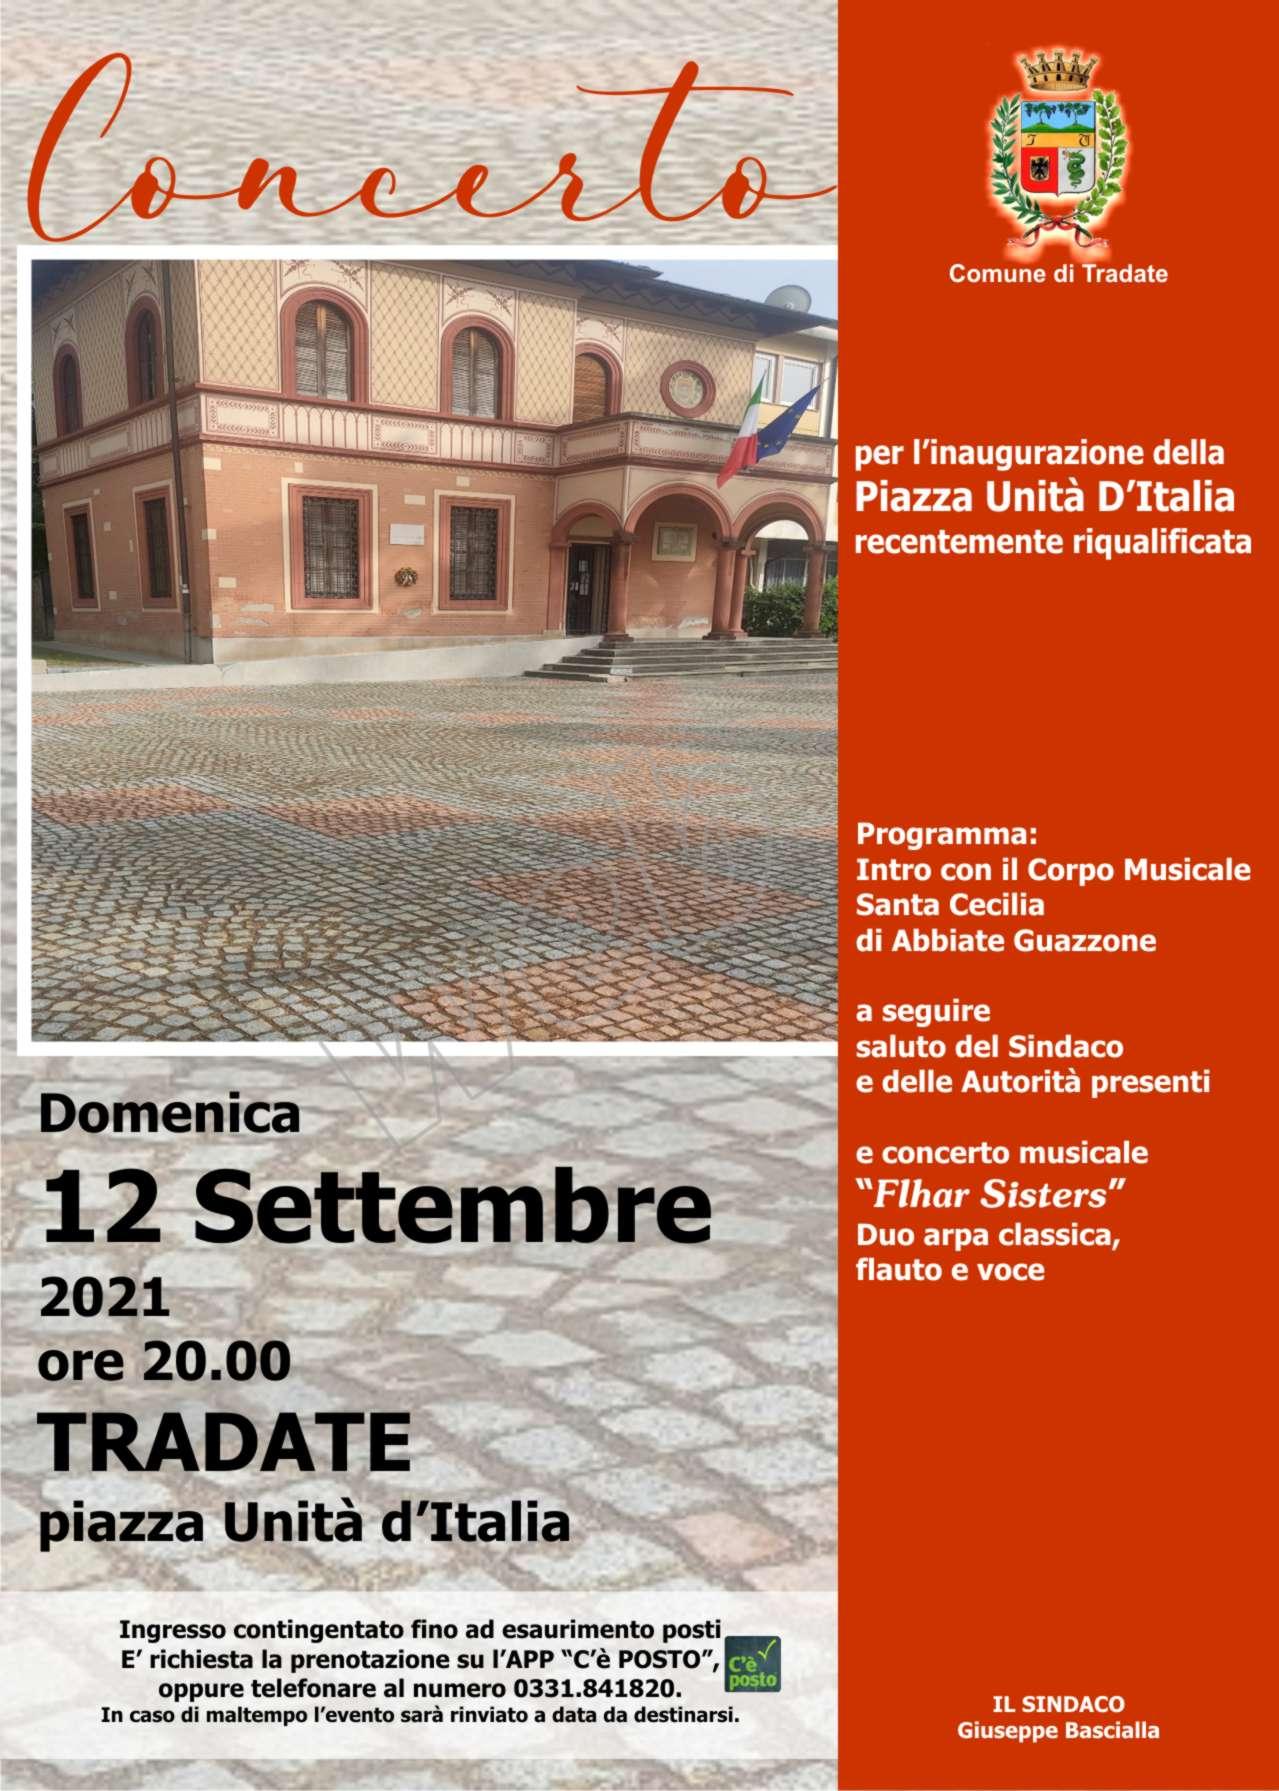 Inaugurazione piazza Unità d'Italia